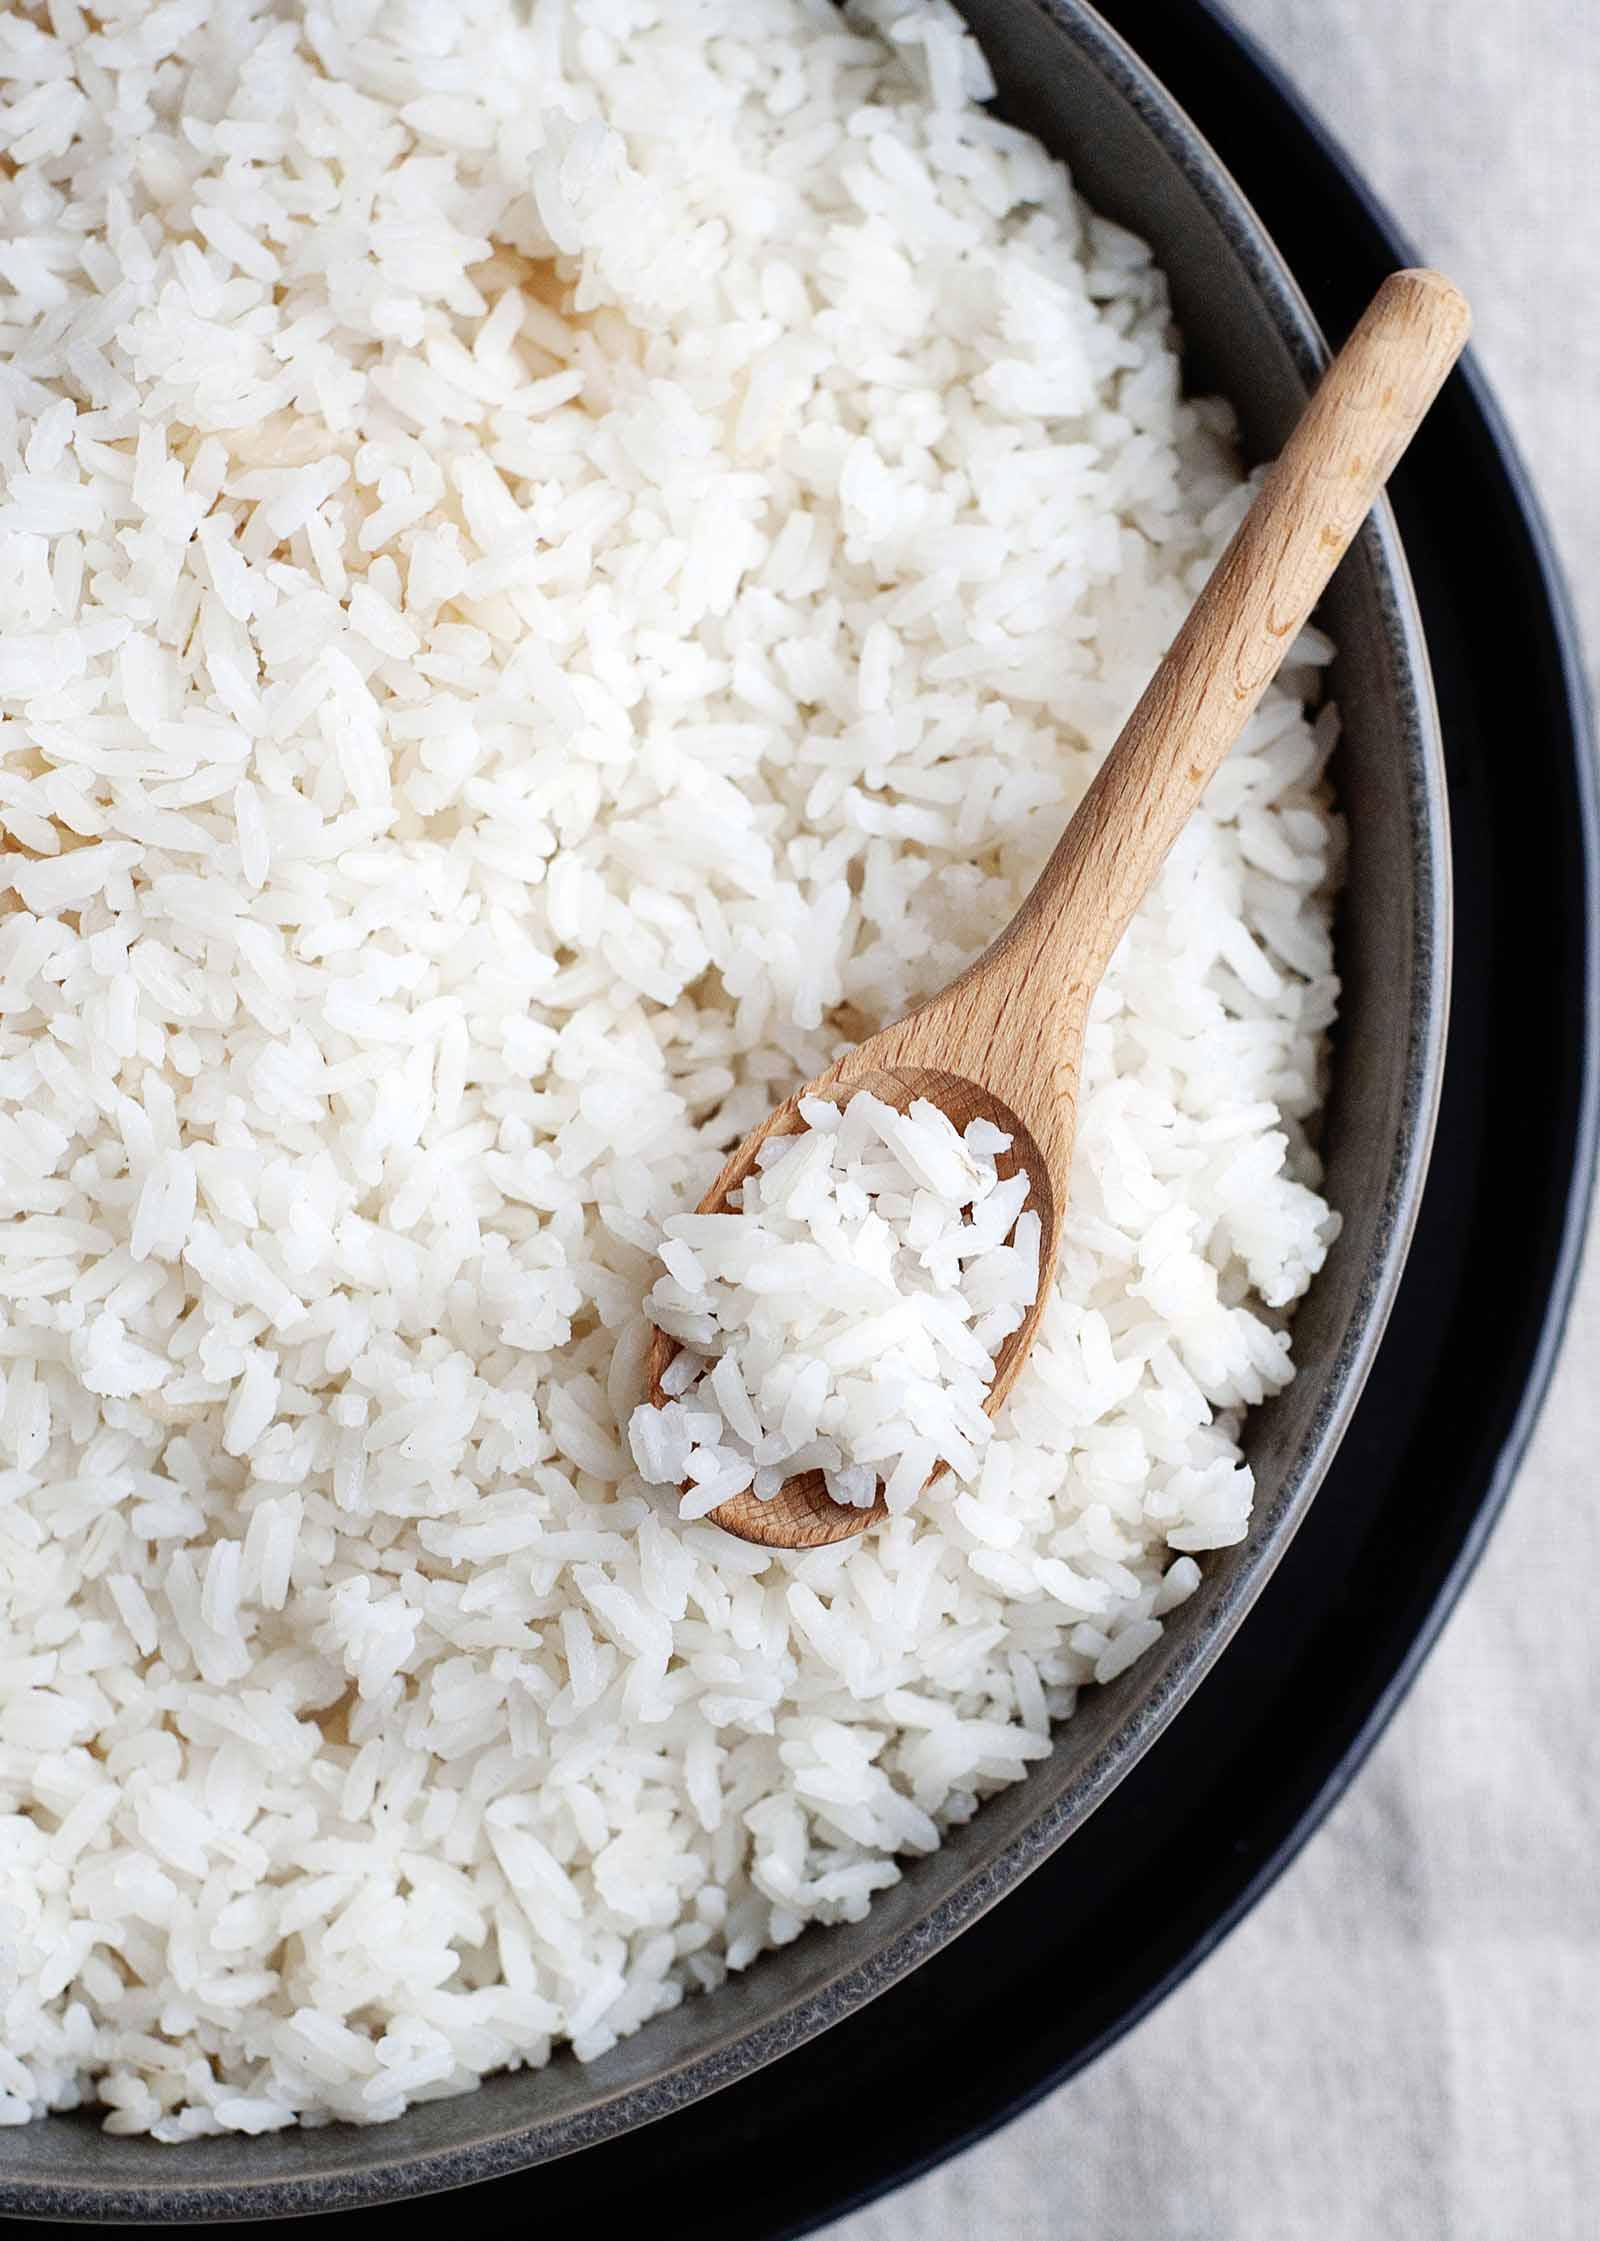 Arroz blanco fácil en una sartén de metal sentado en una bandeja profunda con una cuchara de madera llena de arroz dentro.